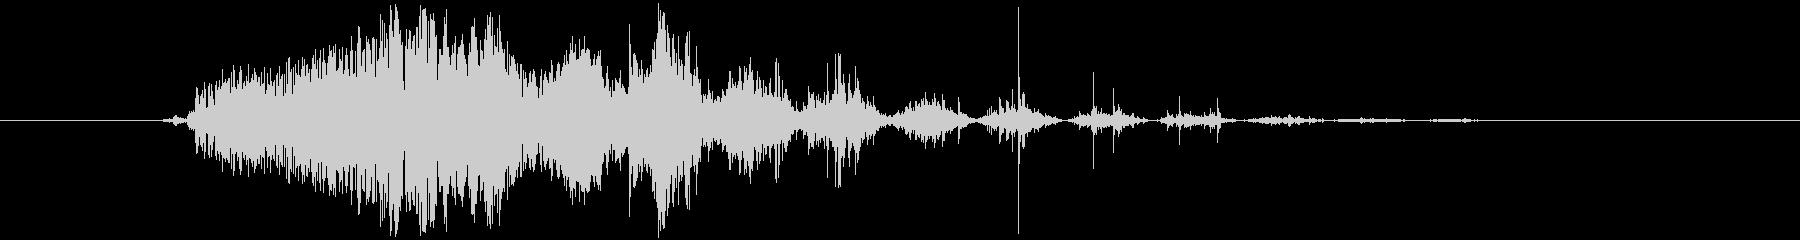 ピューーシュ 効果音 ボタン音の未再生の波形